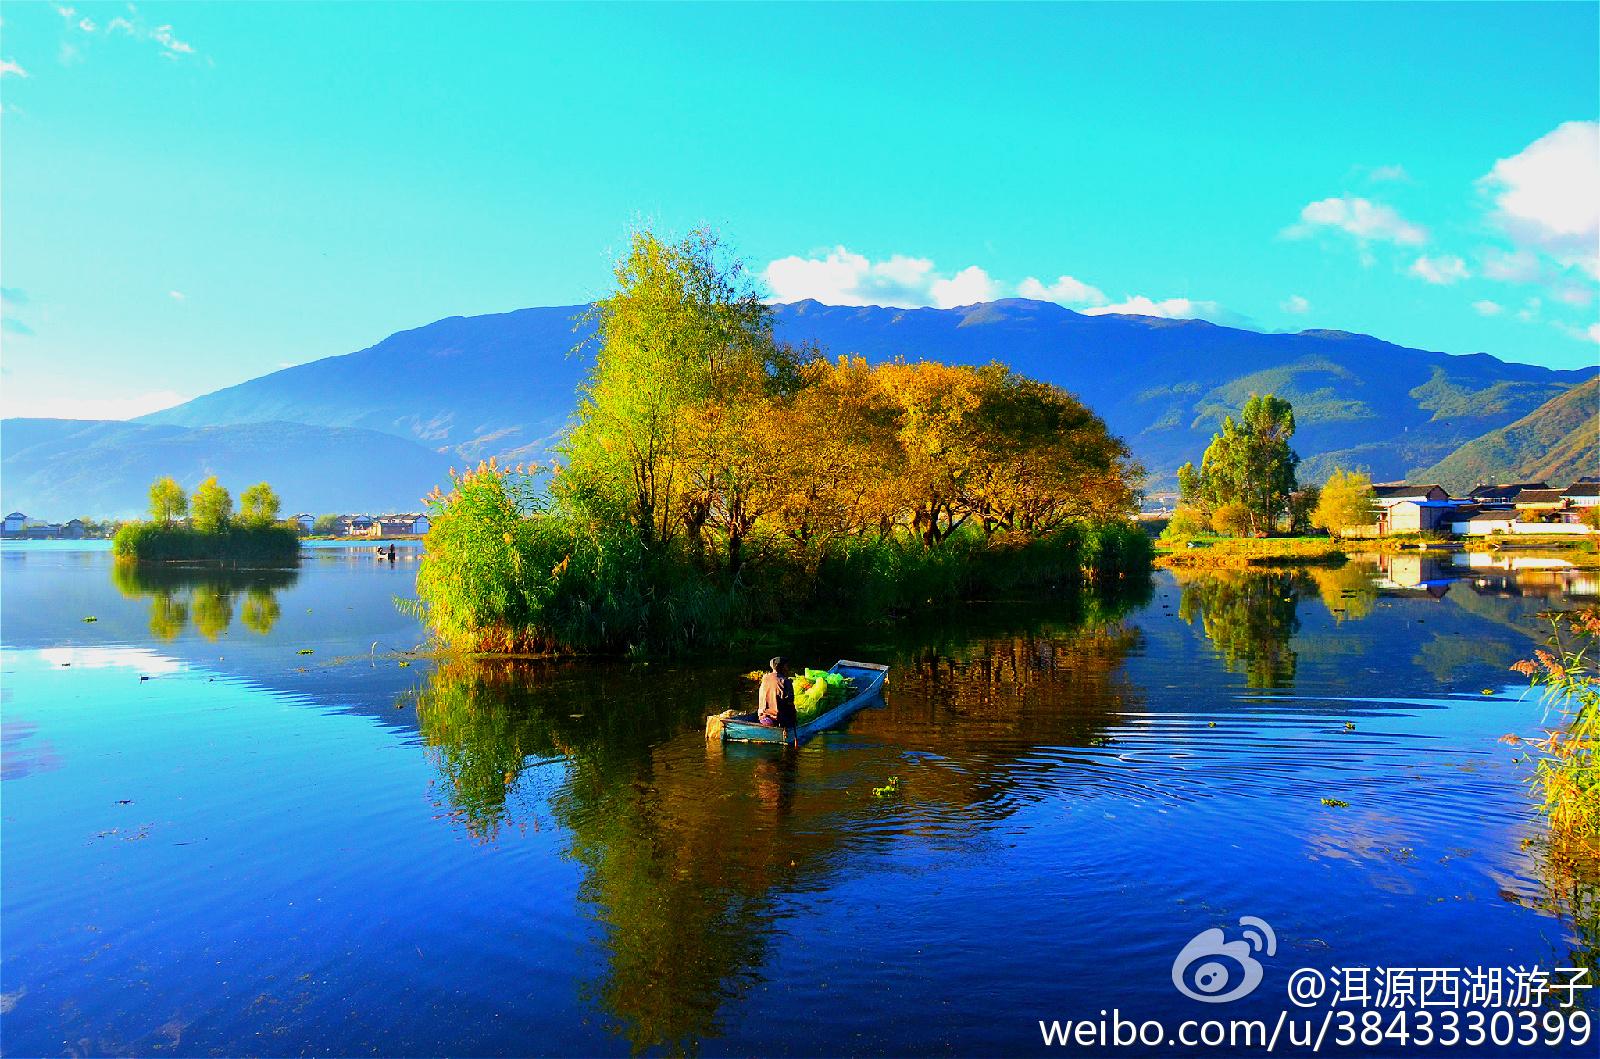 > 洱源ppt背景图片  上一页:哈尔滨北方森林动物园ppt背景图片 下一